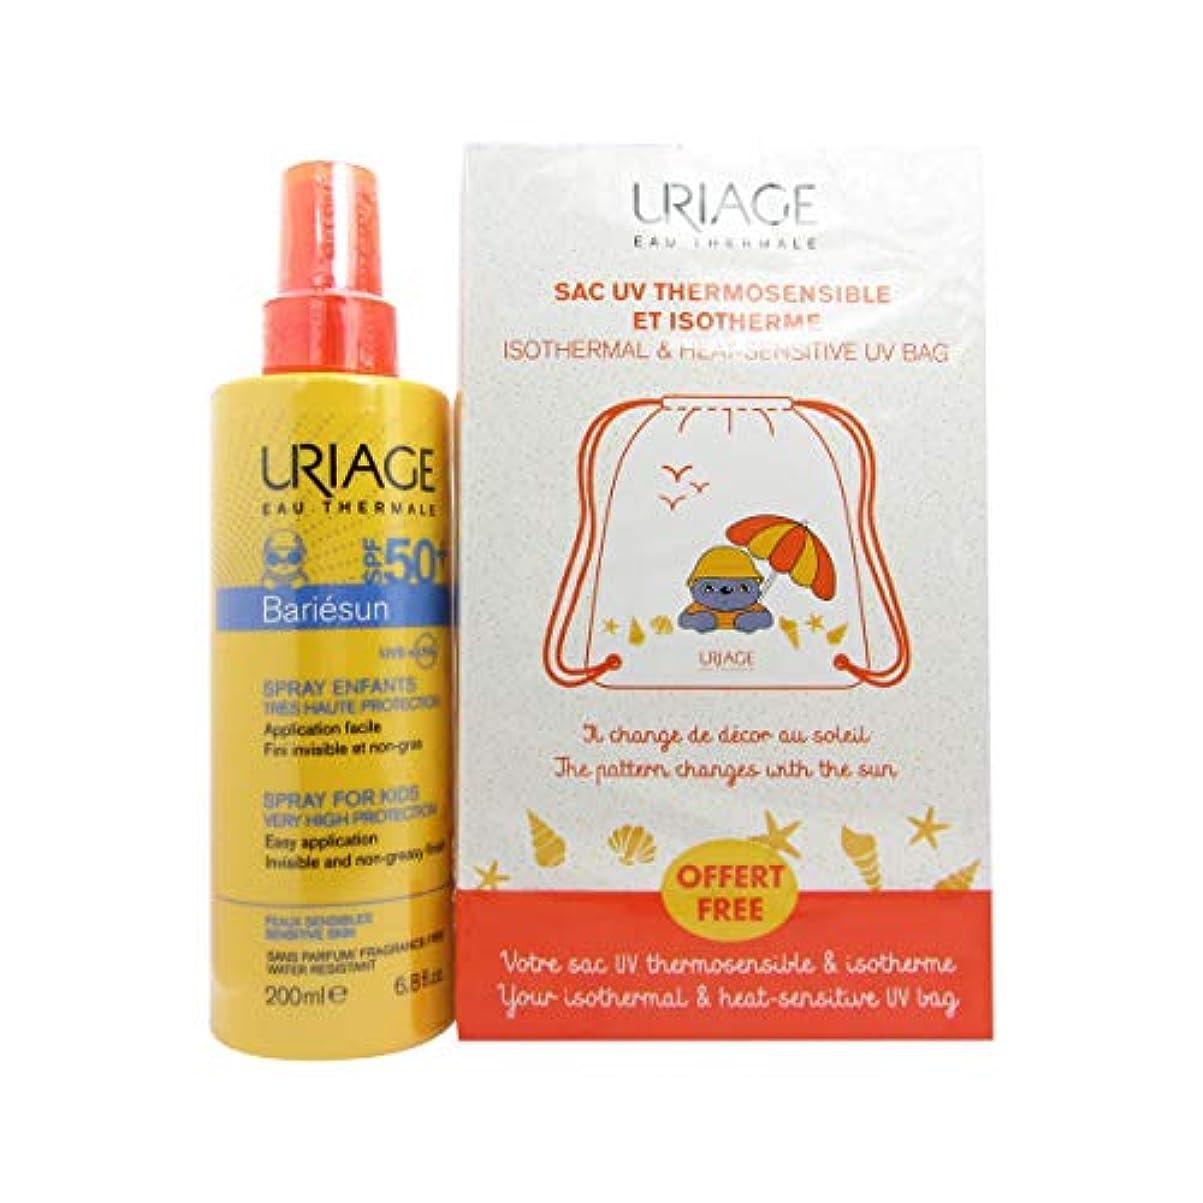 ラフト文房具墓地Uriage Bariesun Spray Children SPF50+ 200ml+Offer Isothermal & Heat-Sensitive UV Bag